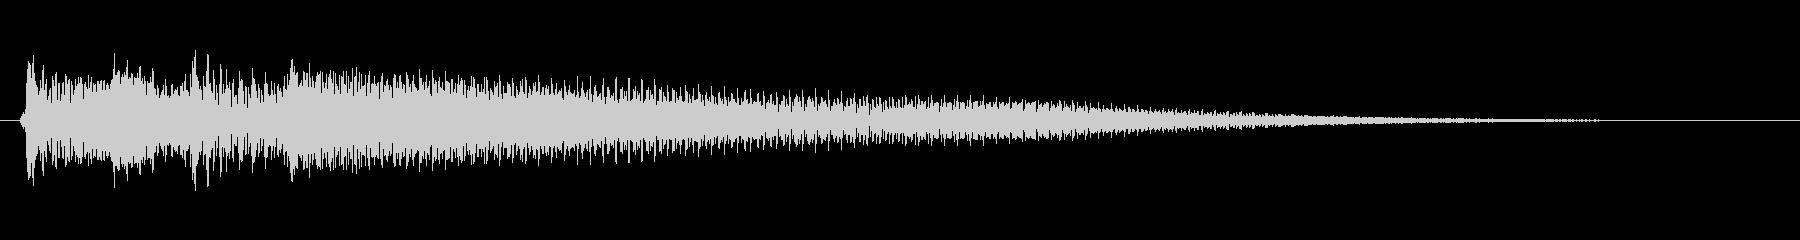 アコースティックギター ポロロンの未再生の波形